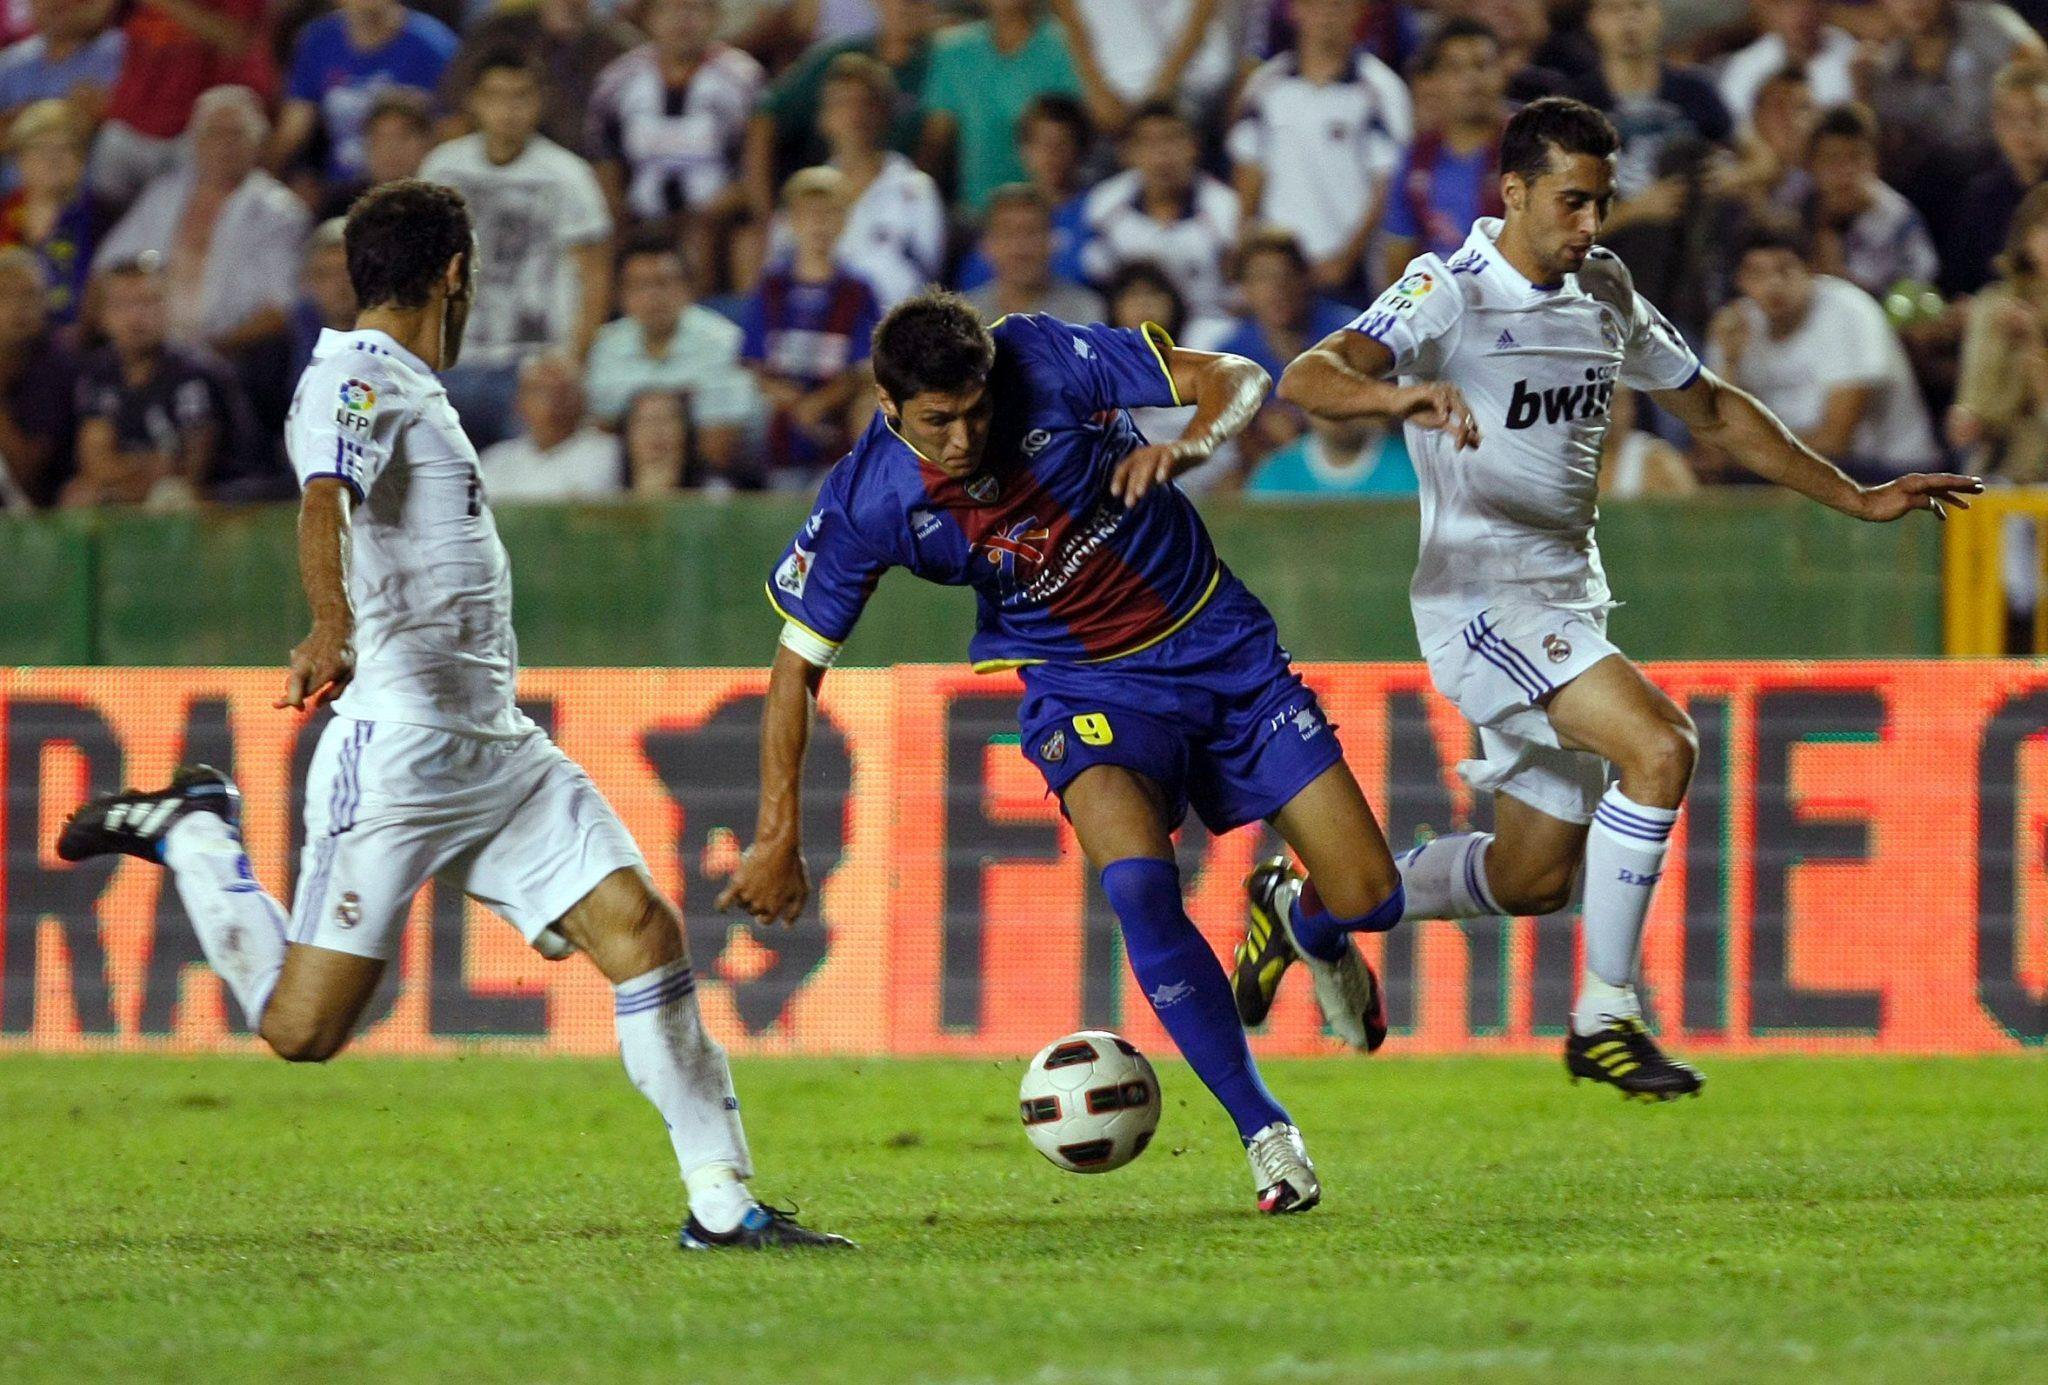 Rafa se ganó con su esfuerzo el cariño de los aficionados del Levante.